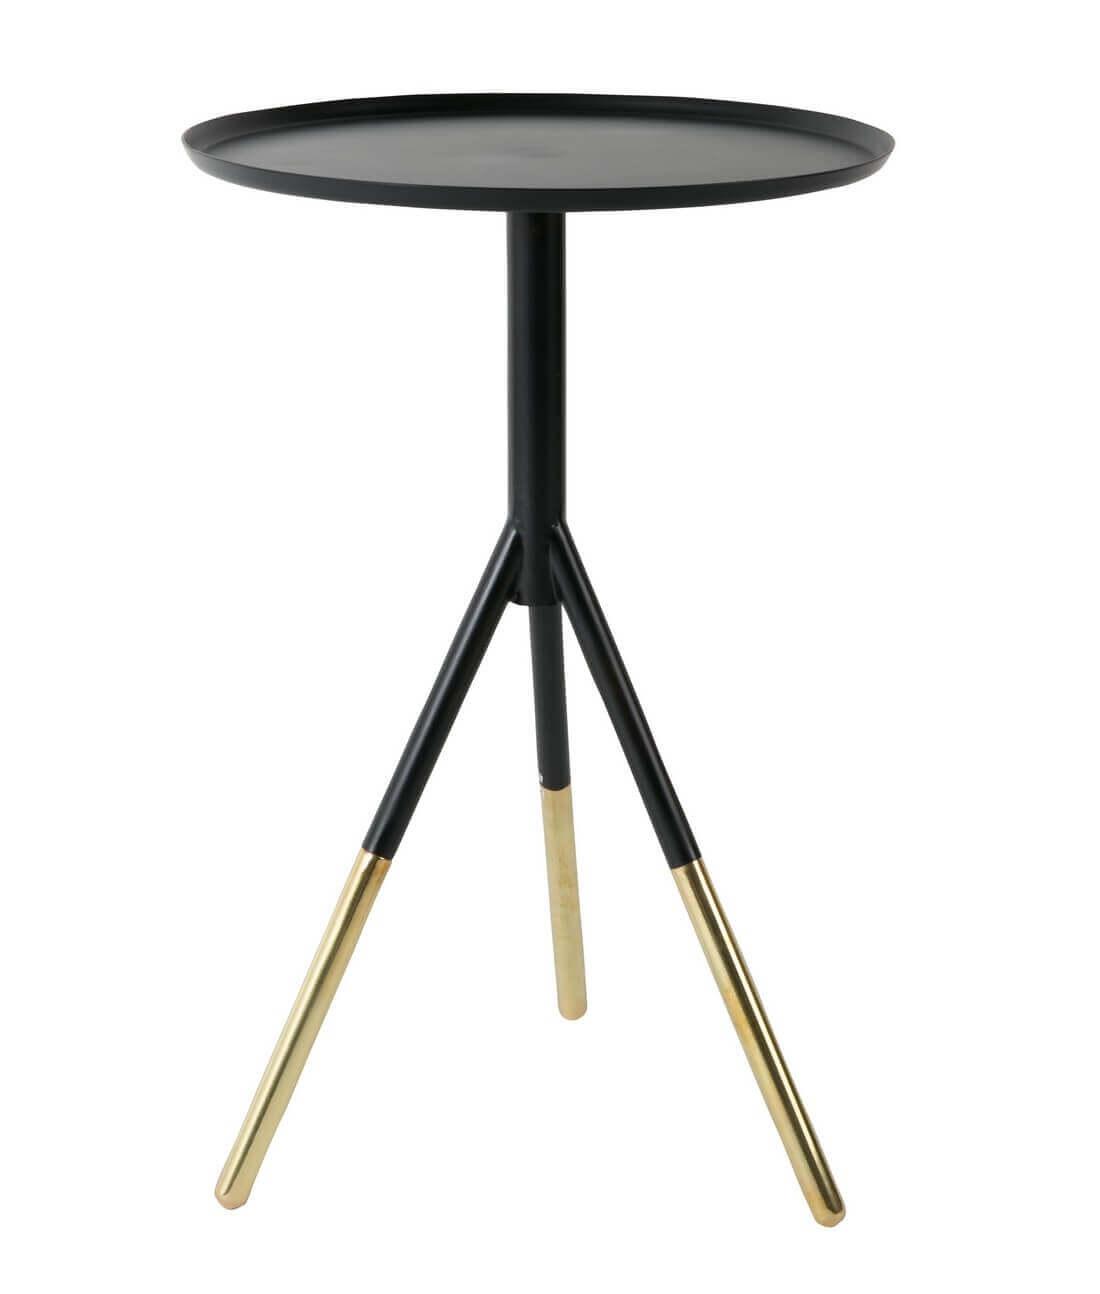 Table d'appoint ronde en acier et laiton